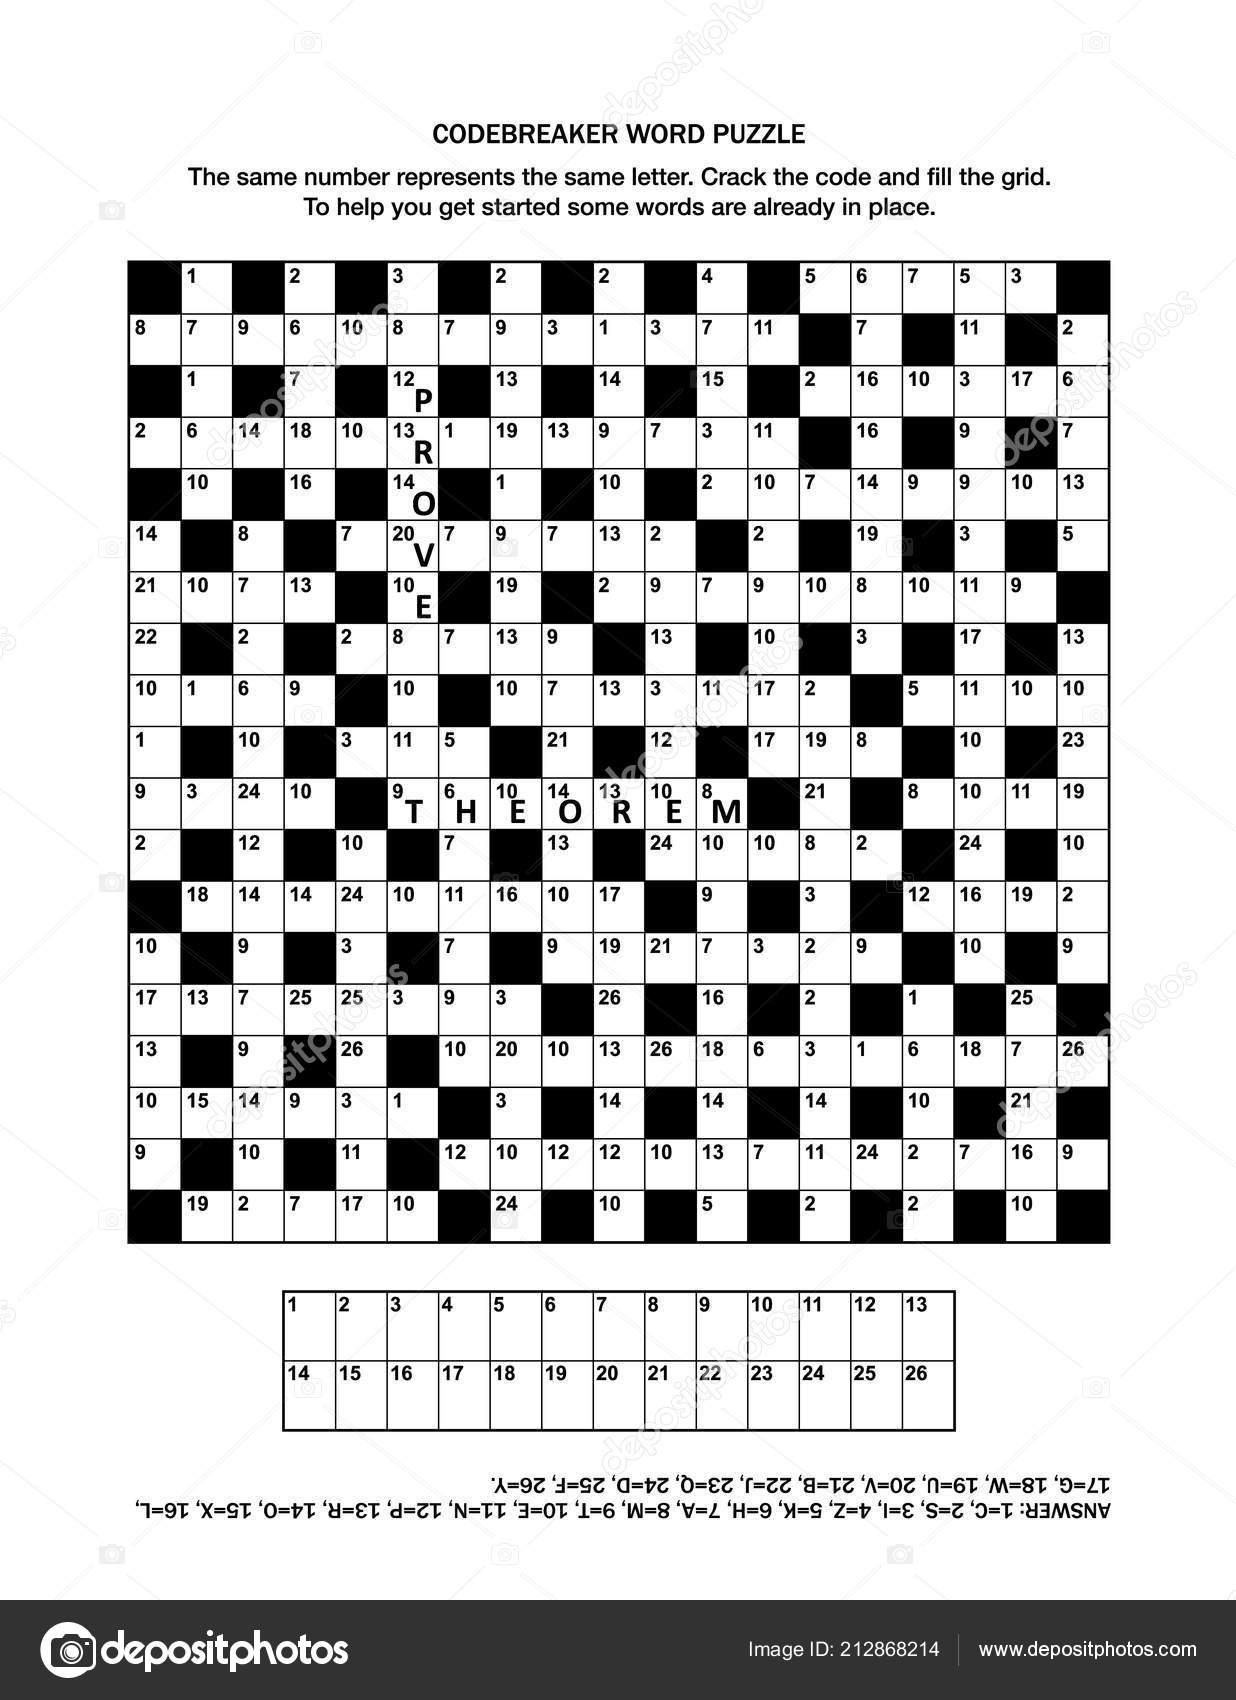 Puzzle Page Codebreaker Codeword Code Cracker Word Game Crossword - Printable Codebreaker Puzzles